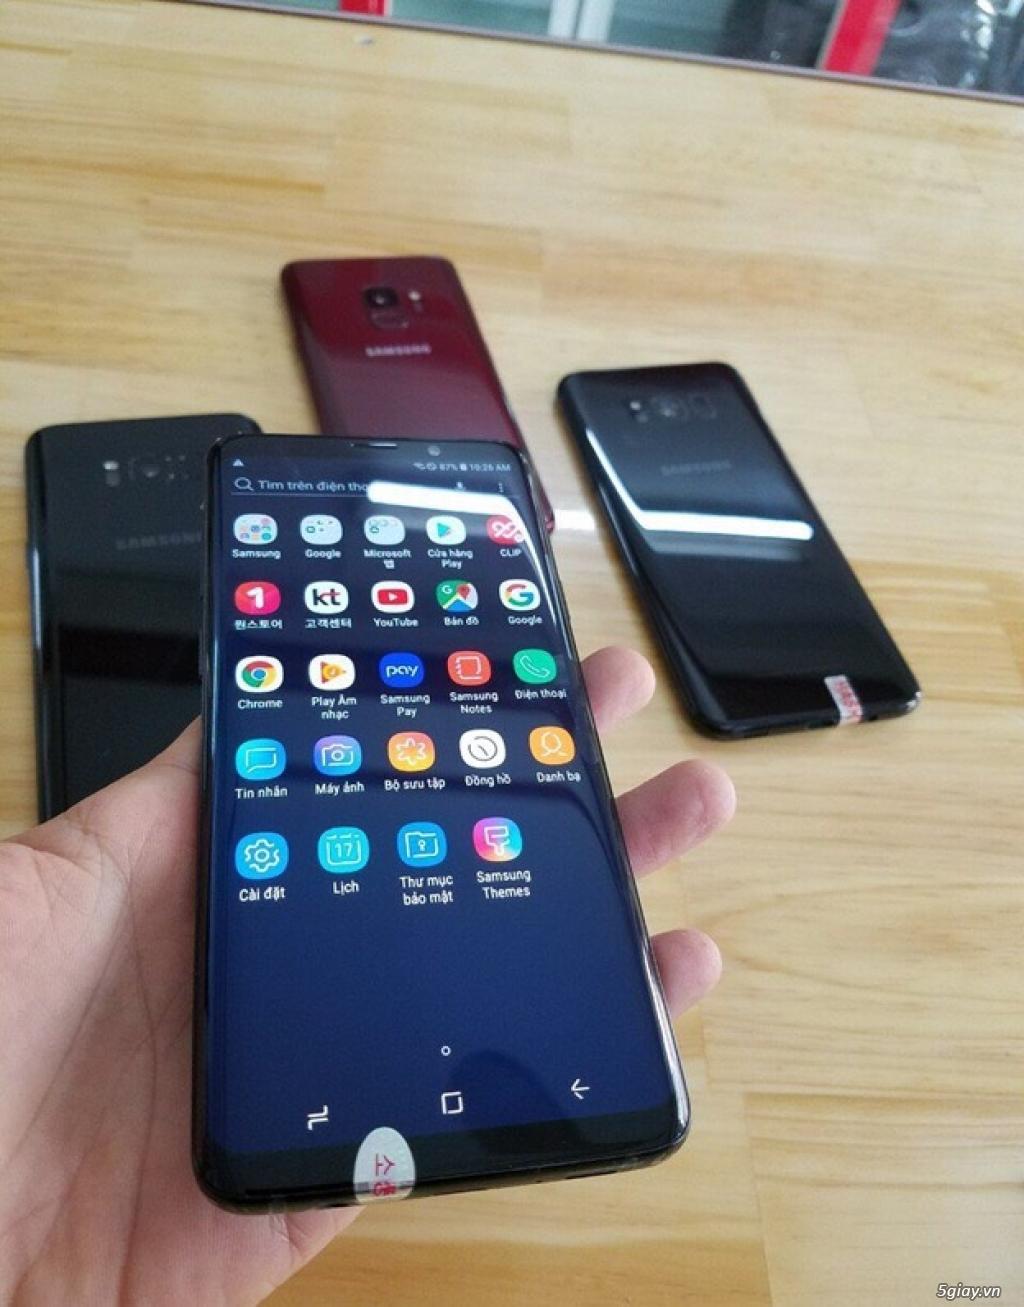 DI ĐỘNG HÀN QUỐC-chuyên mua bán tất cả dòng điện thoại samsung giá rẻ - 8